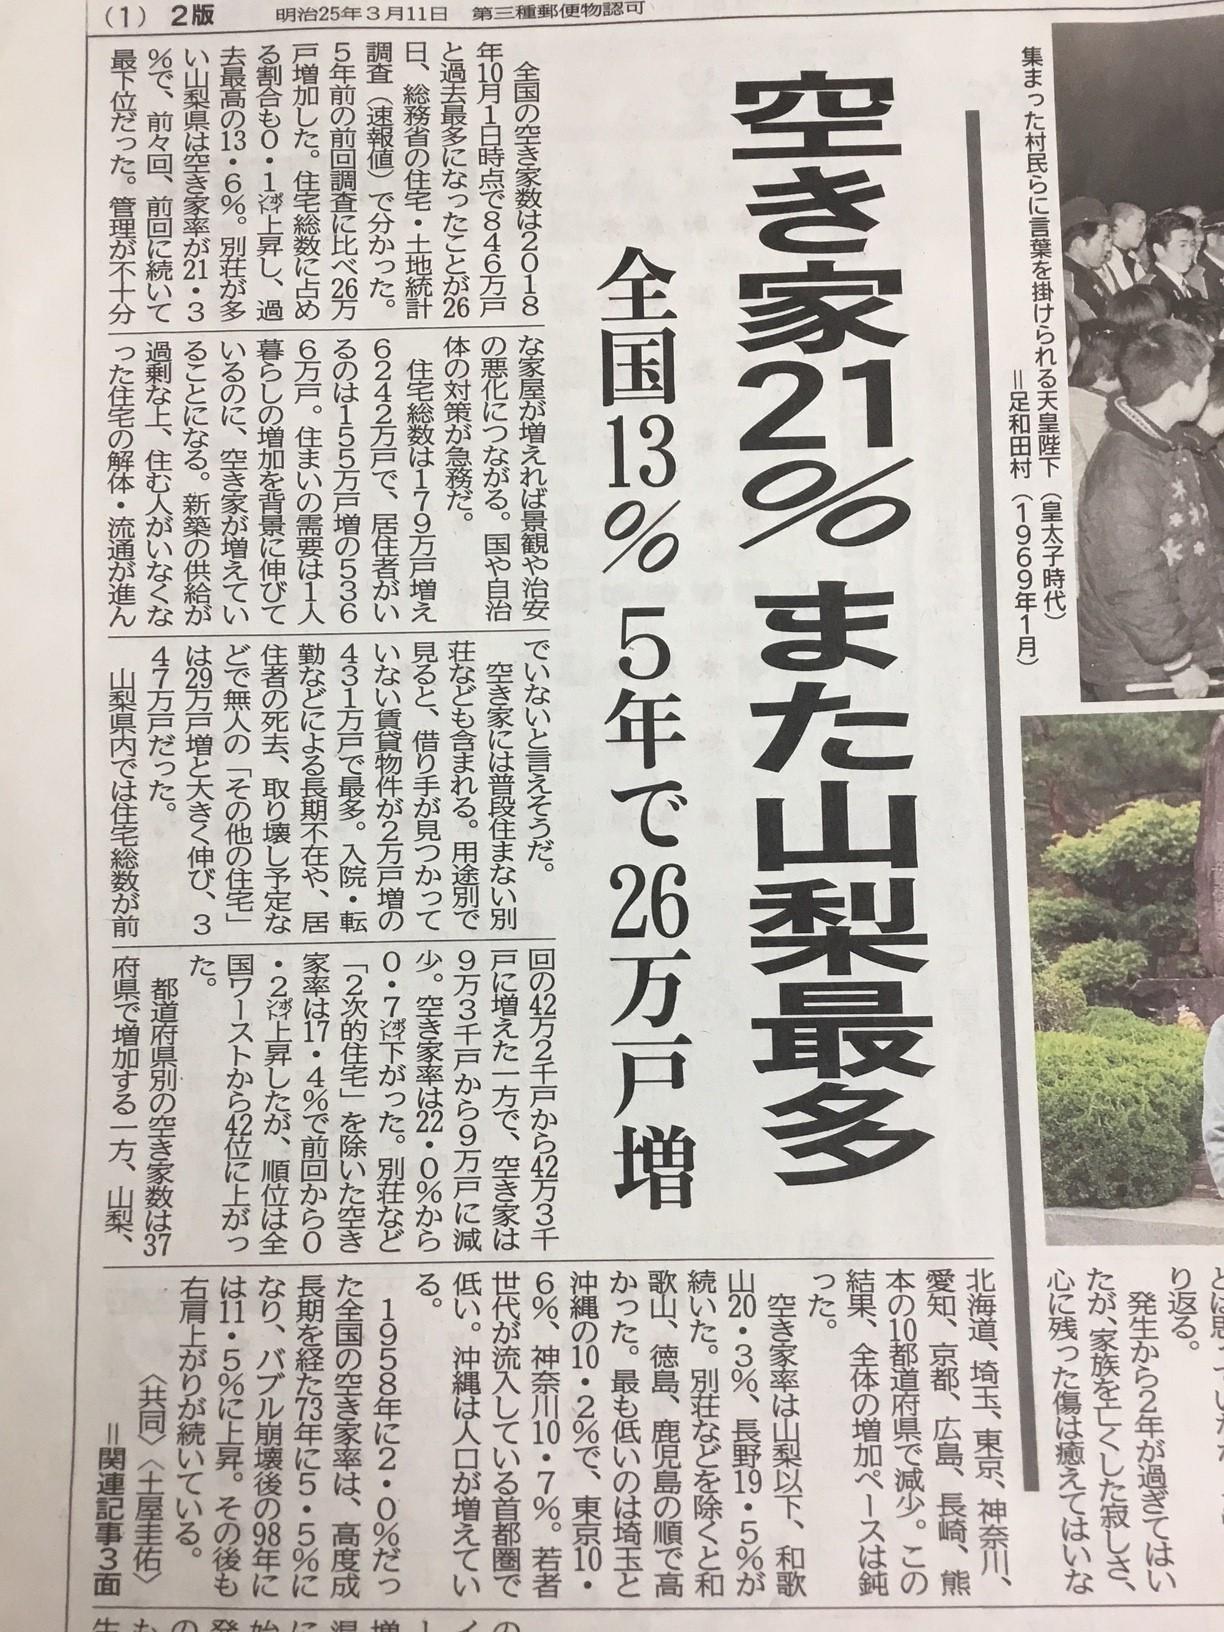 山梨日日新聞 切り抜き